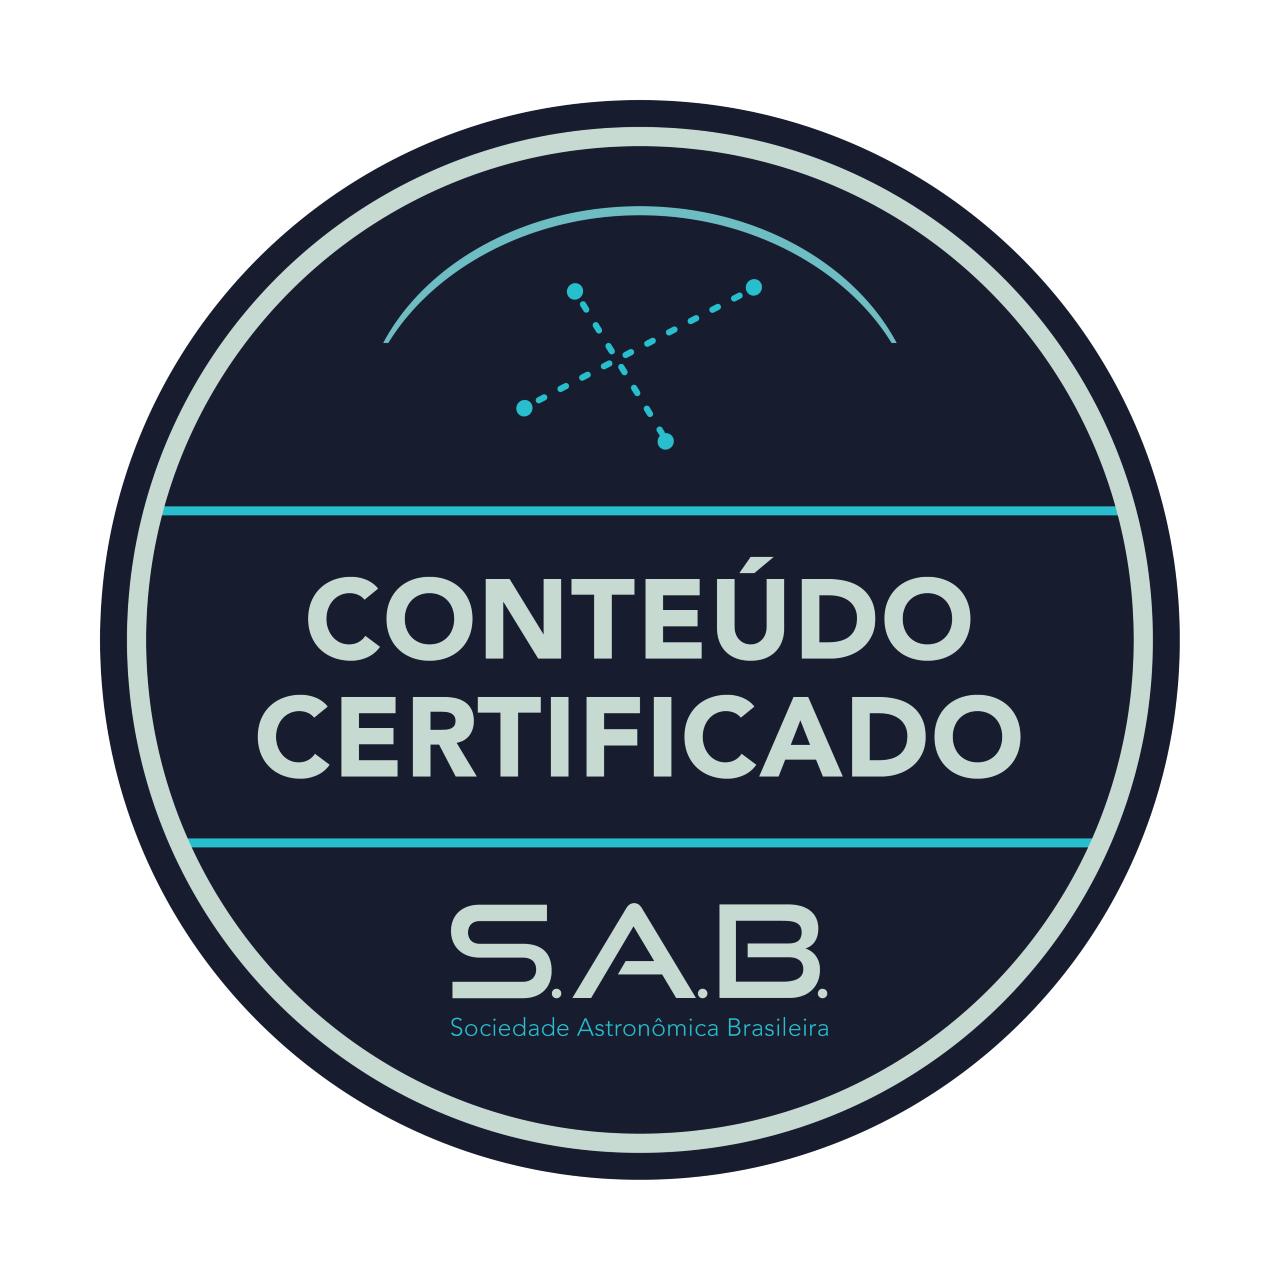 Selo de qualidade da Sociedade Astronômica Brasileira